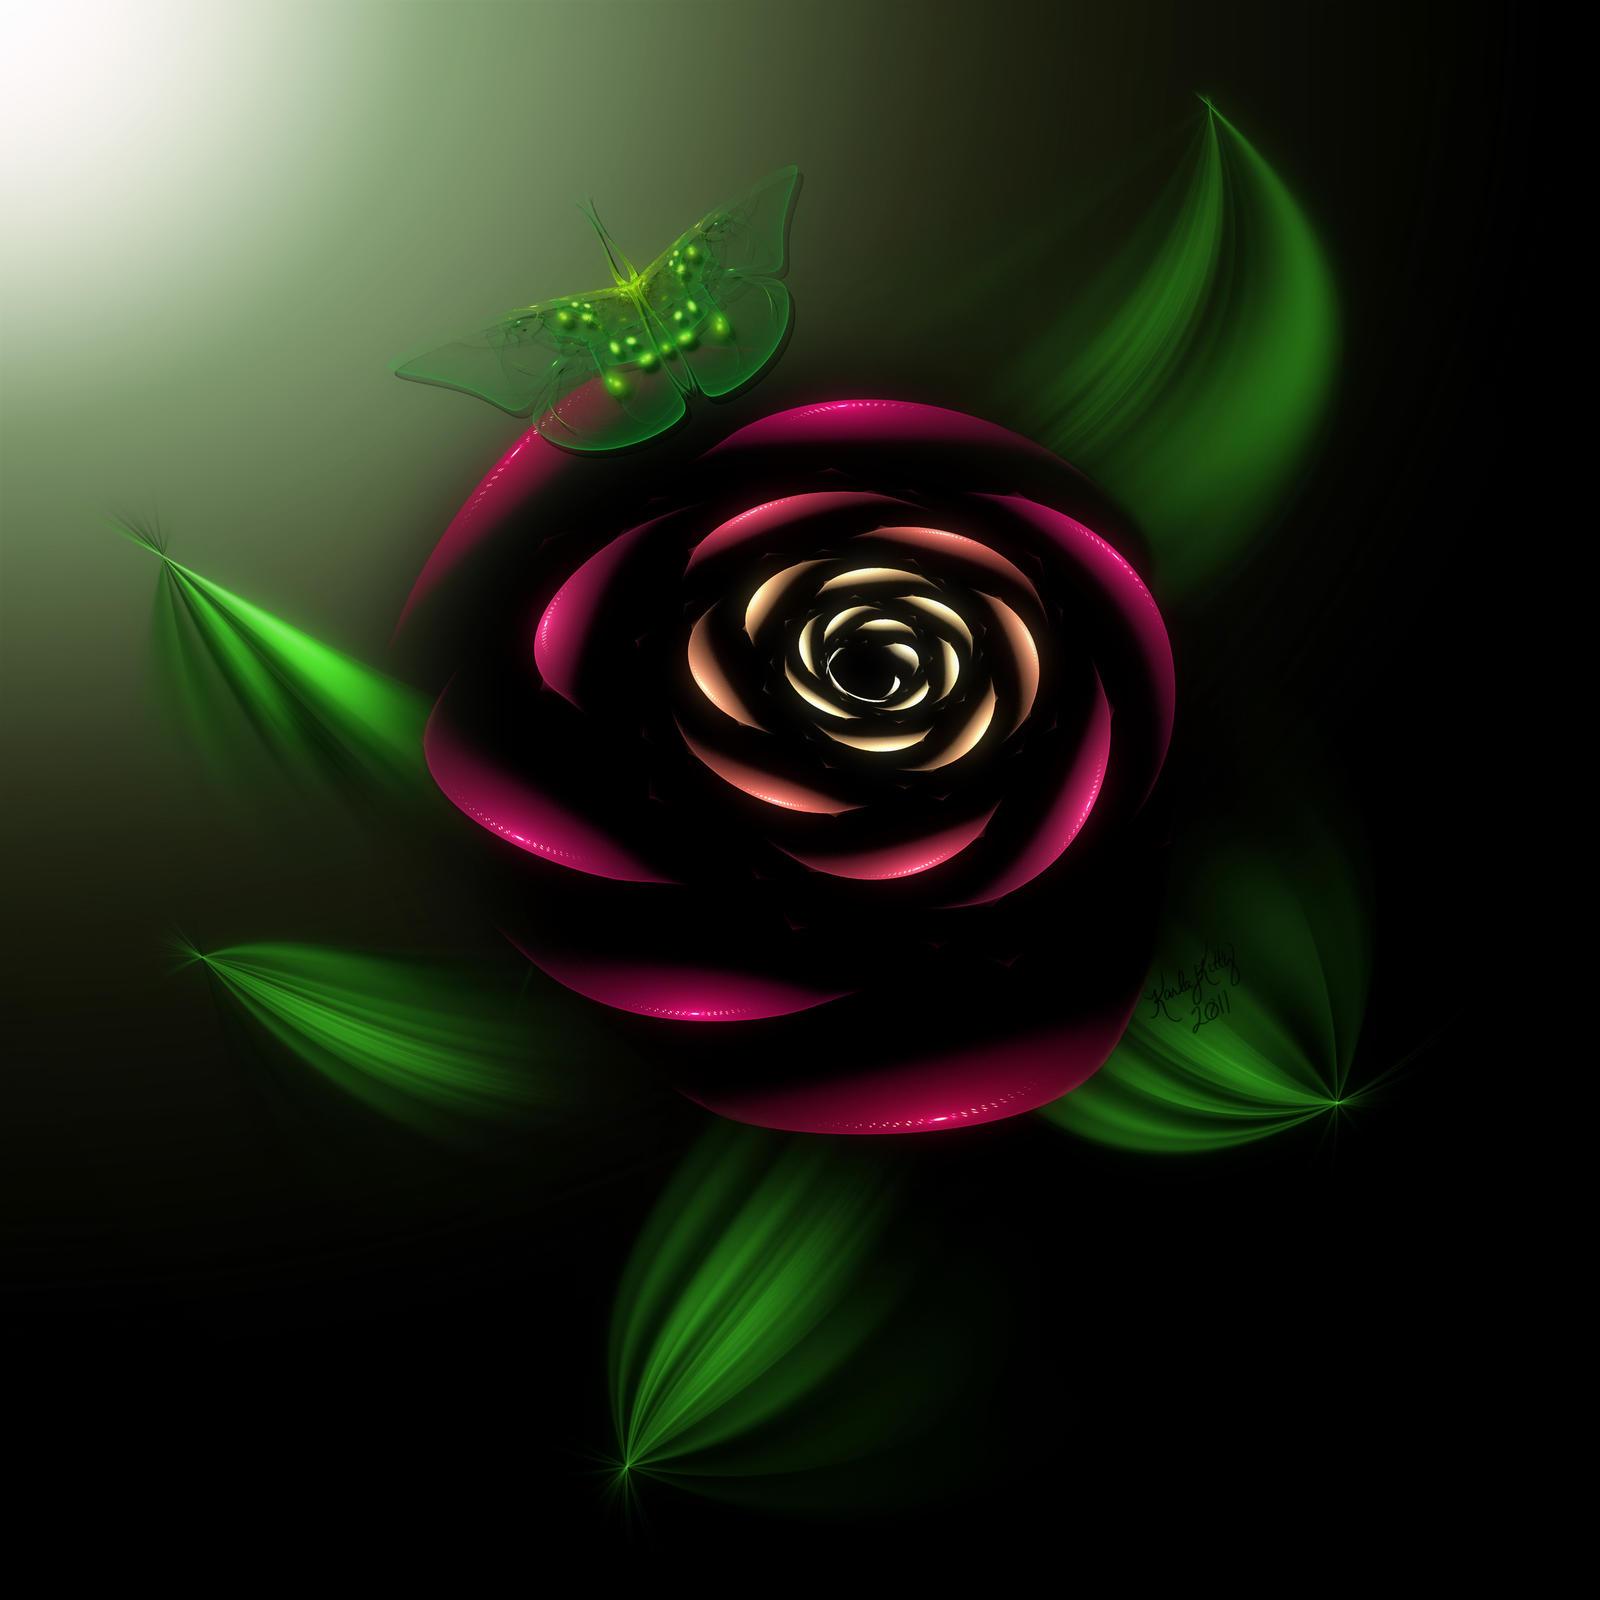 La Rosa by karlajkitty